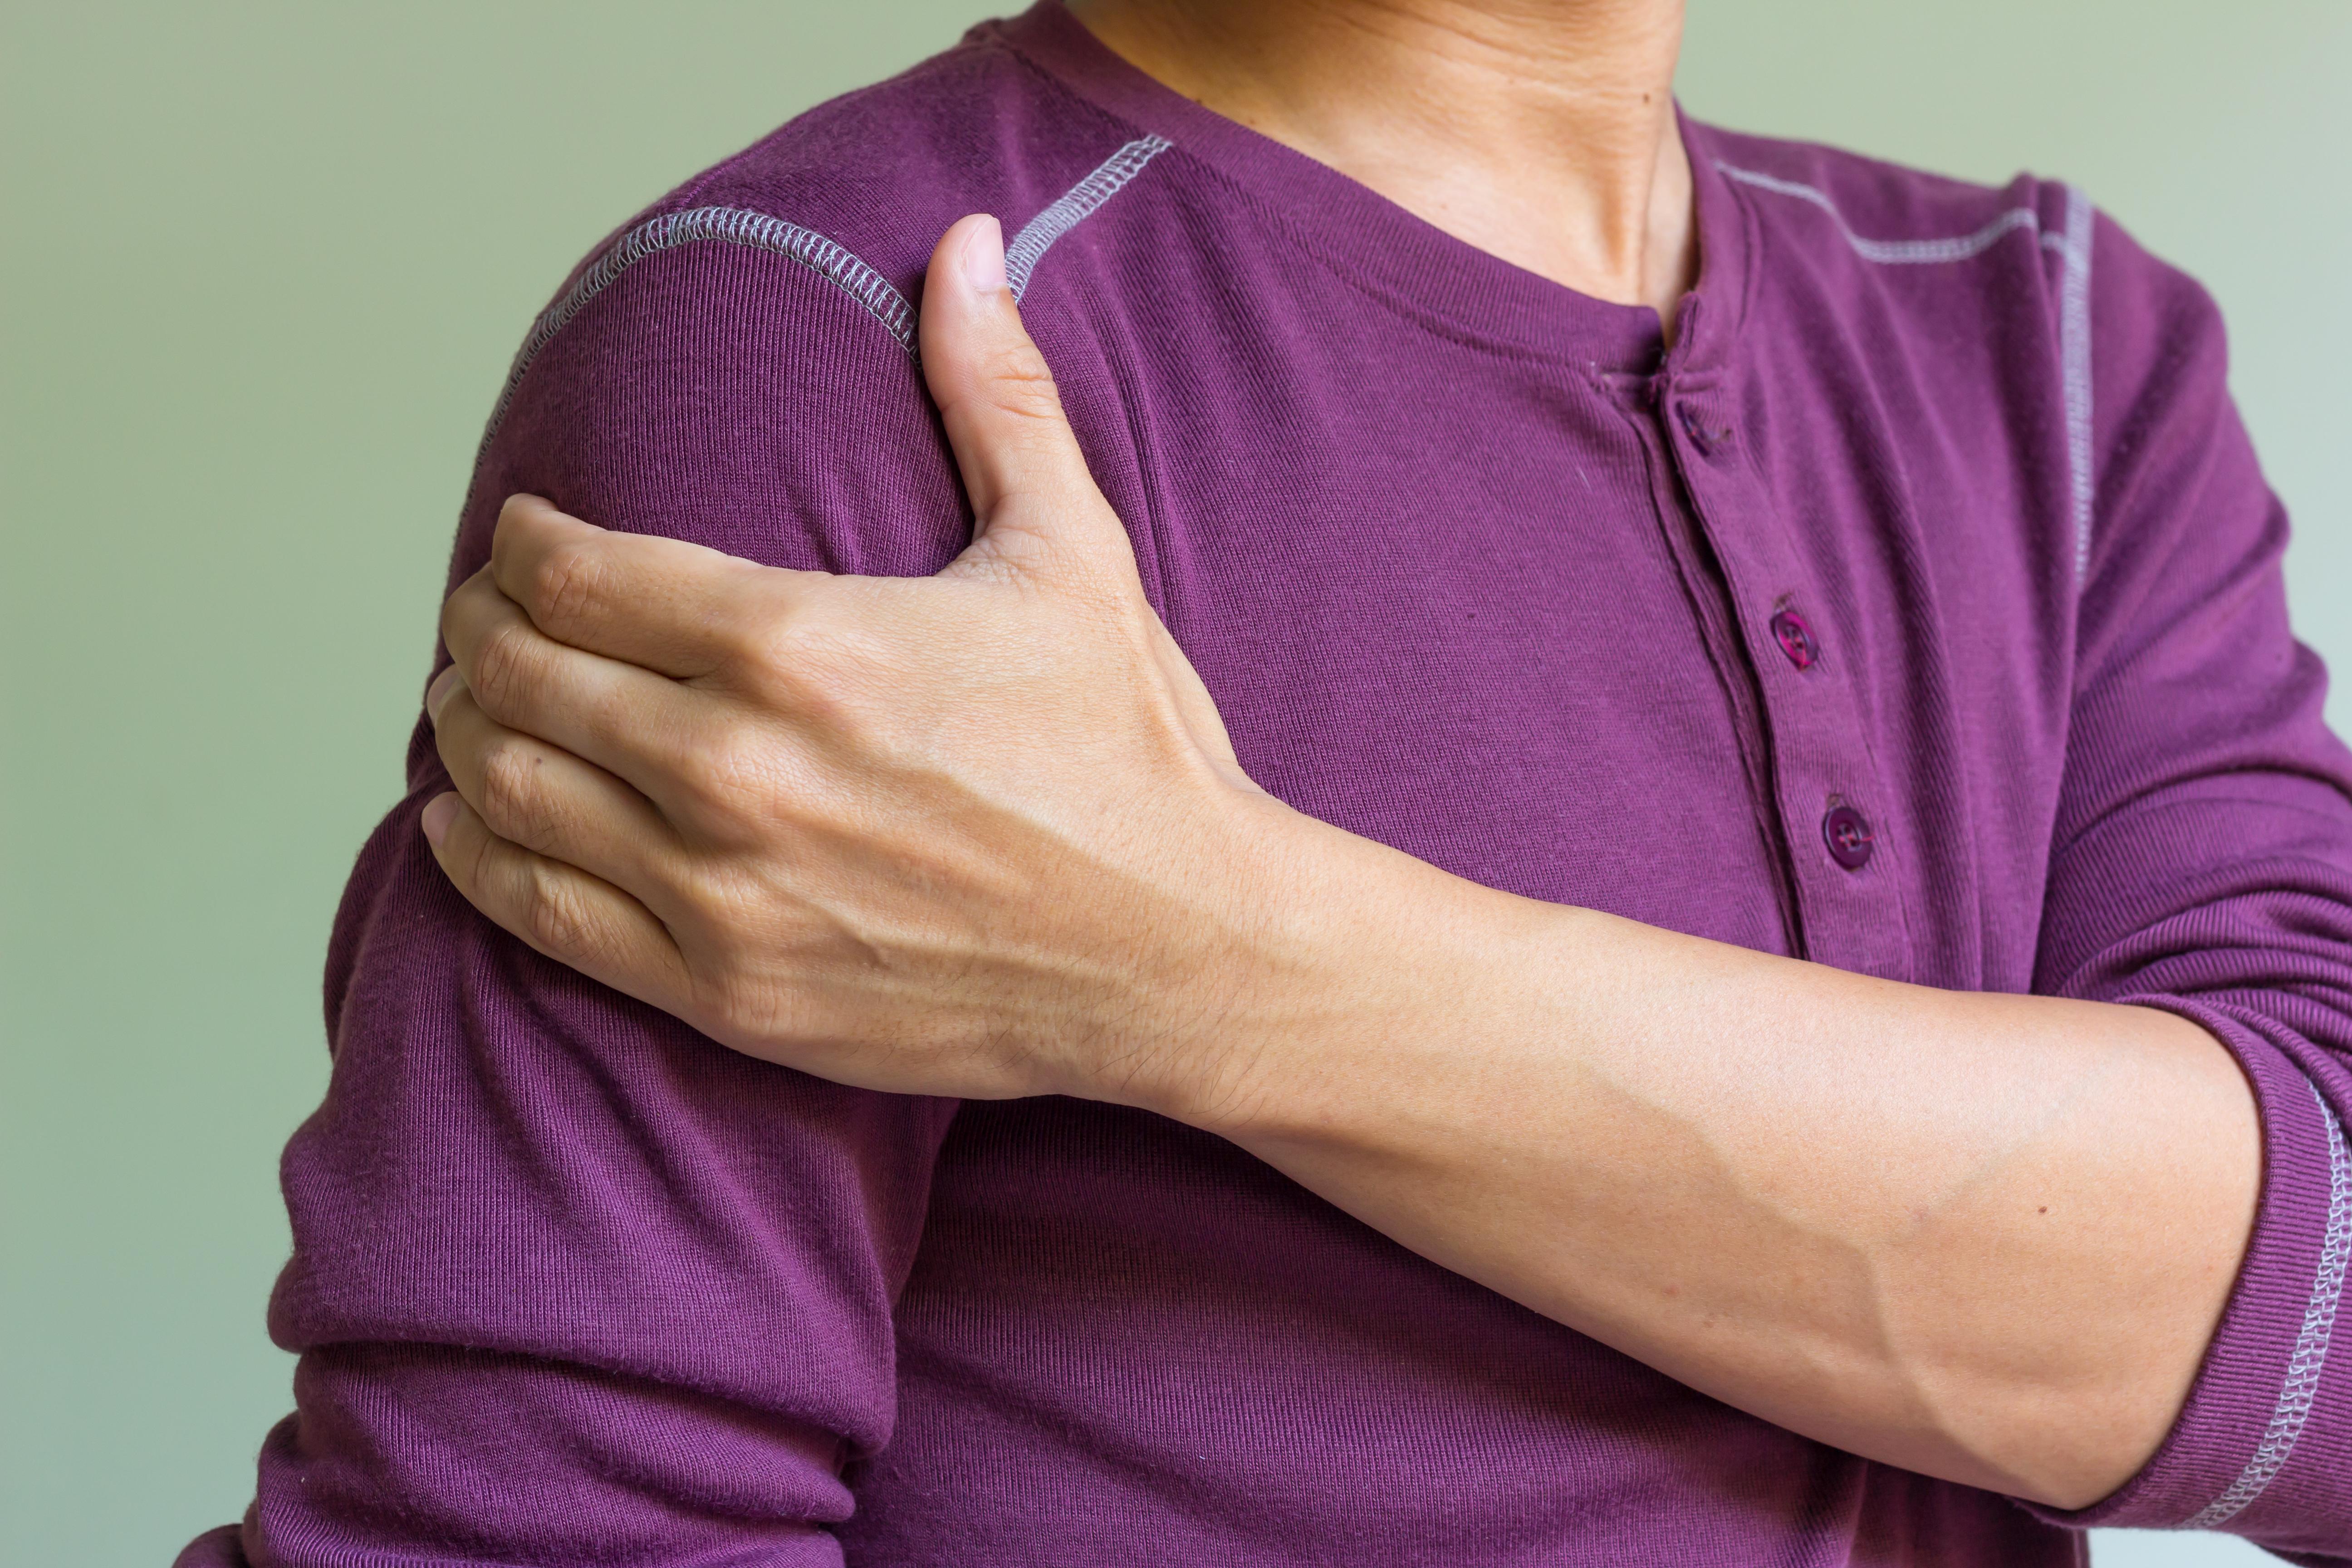 Kalium har bland annat en viktig roll i nervers och musklers funktion. En kaliumnivå som är för hög eller för låg kan vara allvarliga.